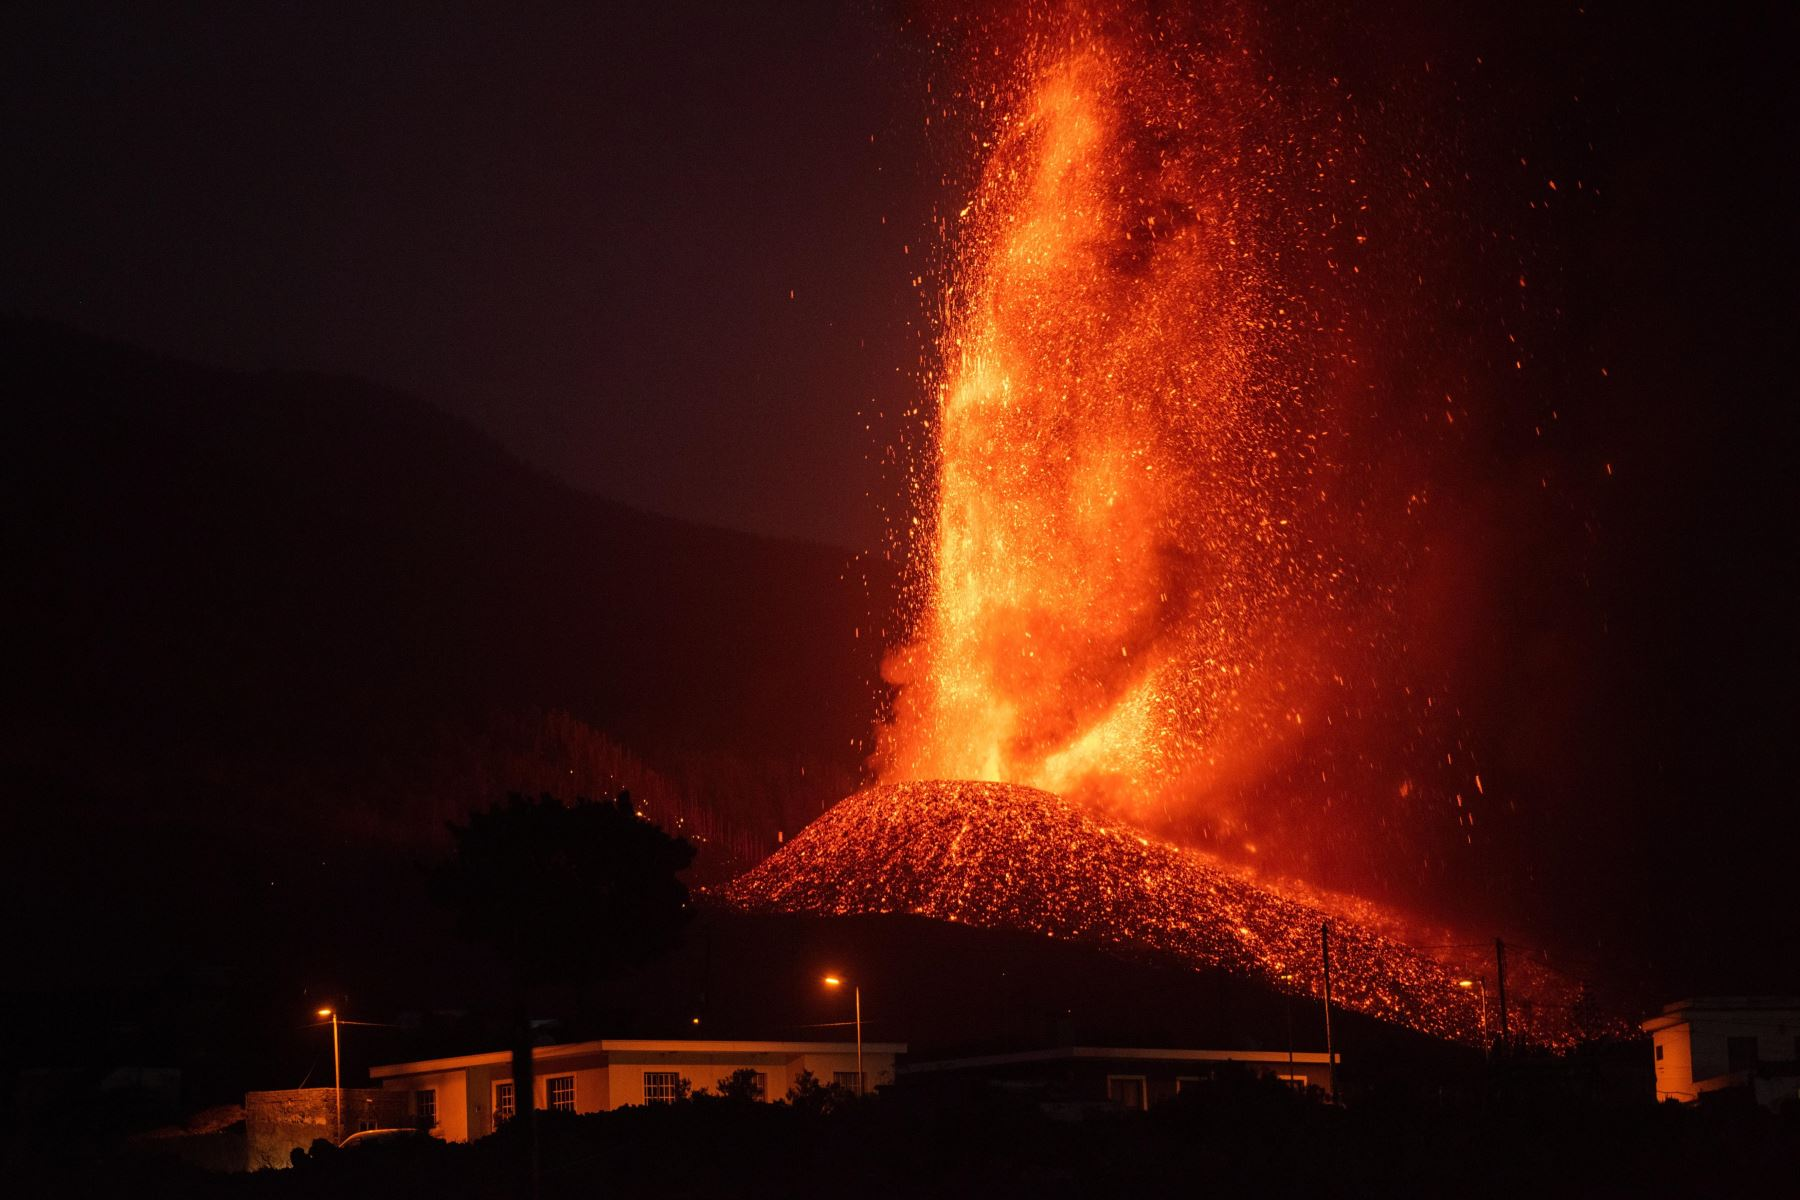 España: la lava del volcán de La Palma afecta ya 400 hectáreas de territorio